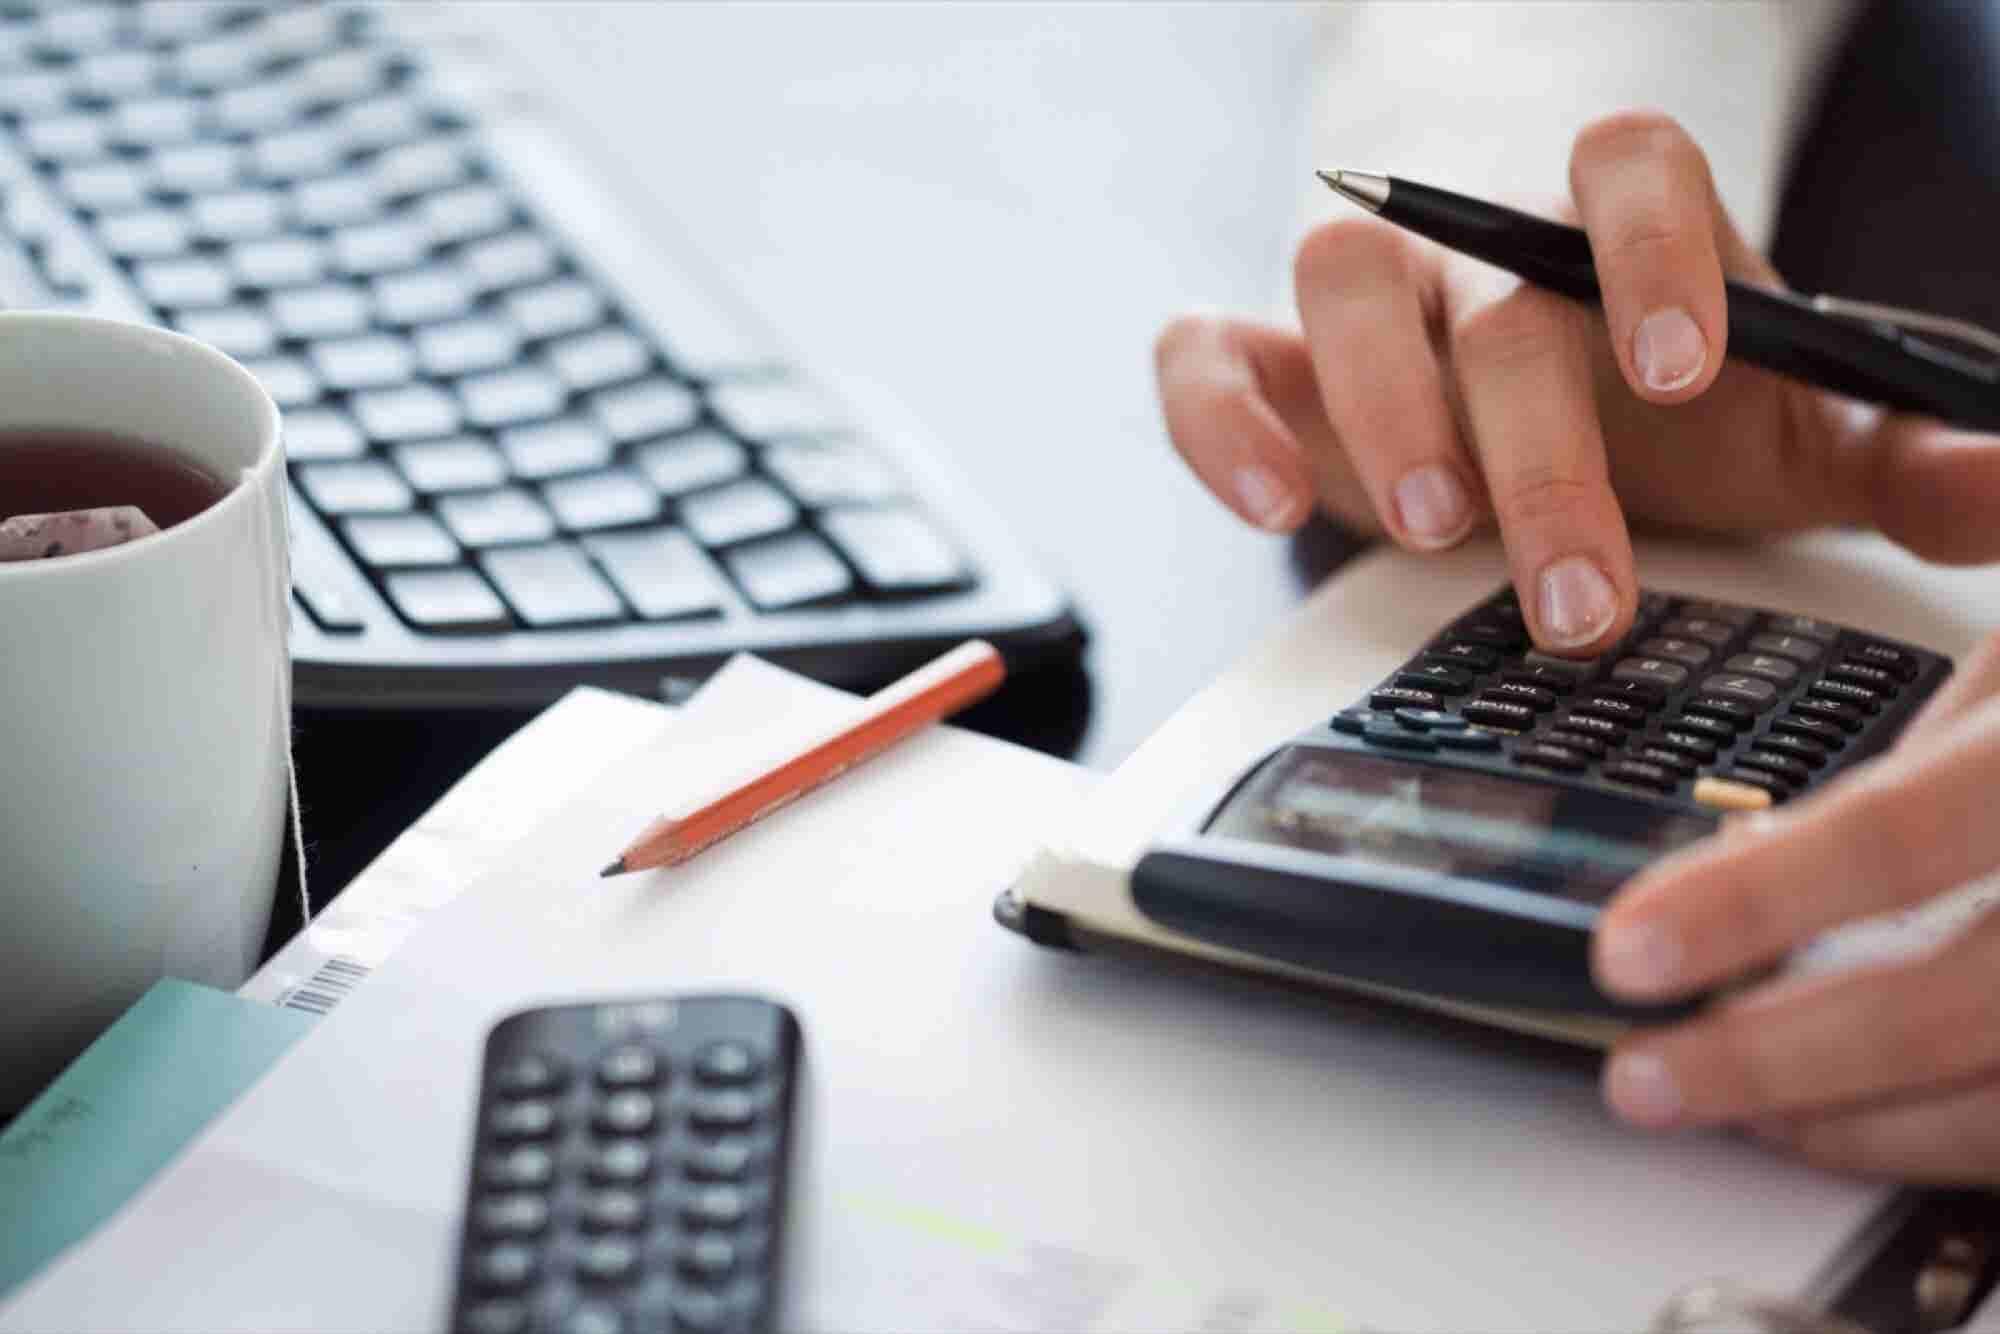 How Should Entrepreneurs Hold 'Just in Case' Cash?